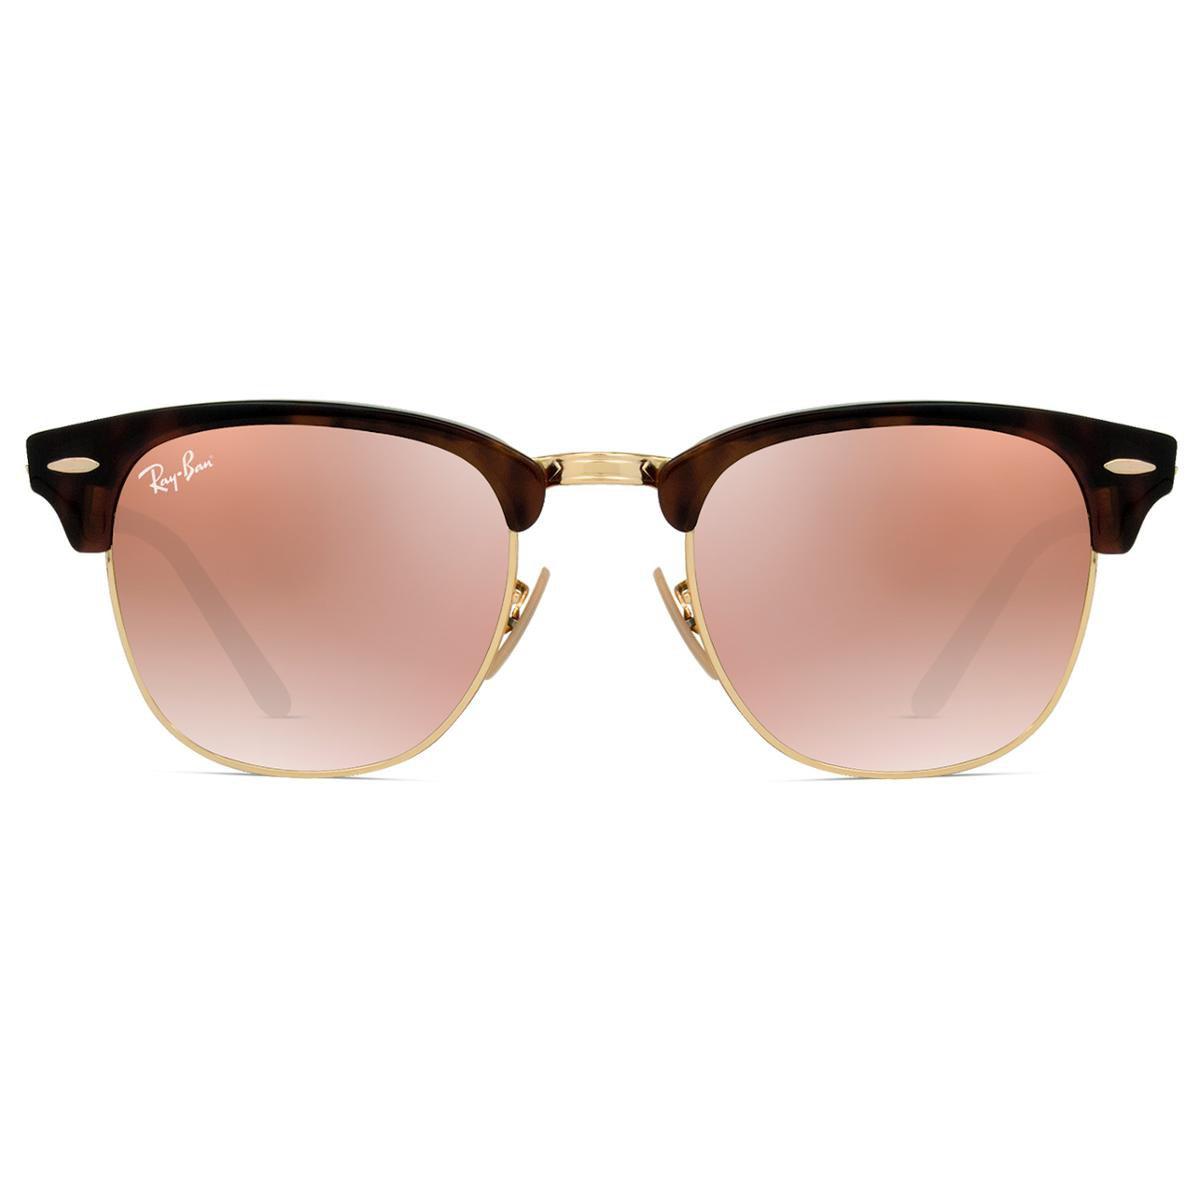 077088f183dfc Óculos de Sol Ray Ban Clubmaster Flash RB3016 990 7O-51 Feminino - Onça - Compre  Agora